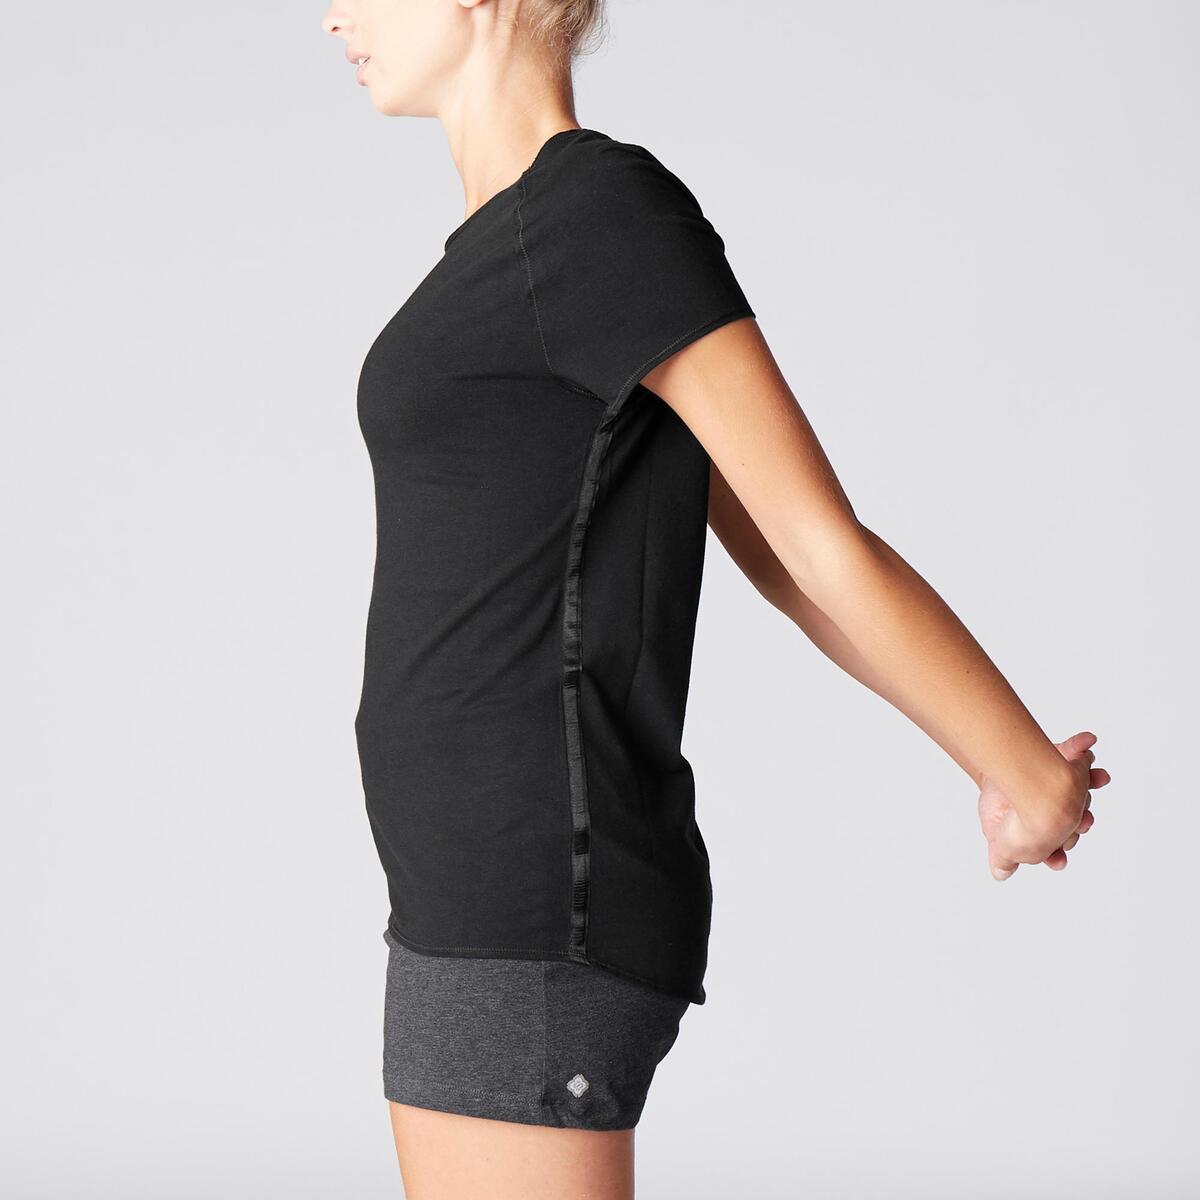 Bild 5 von T-Shirt sanftes Yoga aus Baumwolle aus biologischem Anbau Damen schwarz